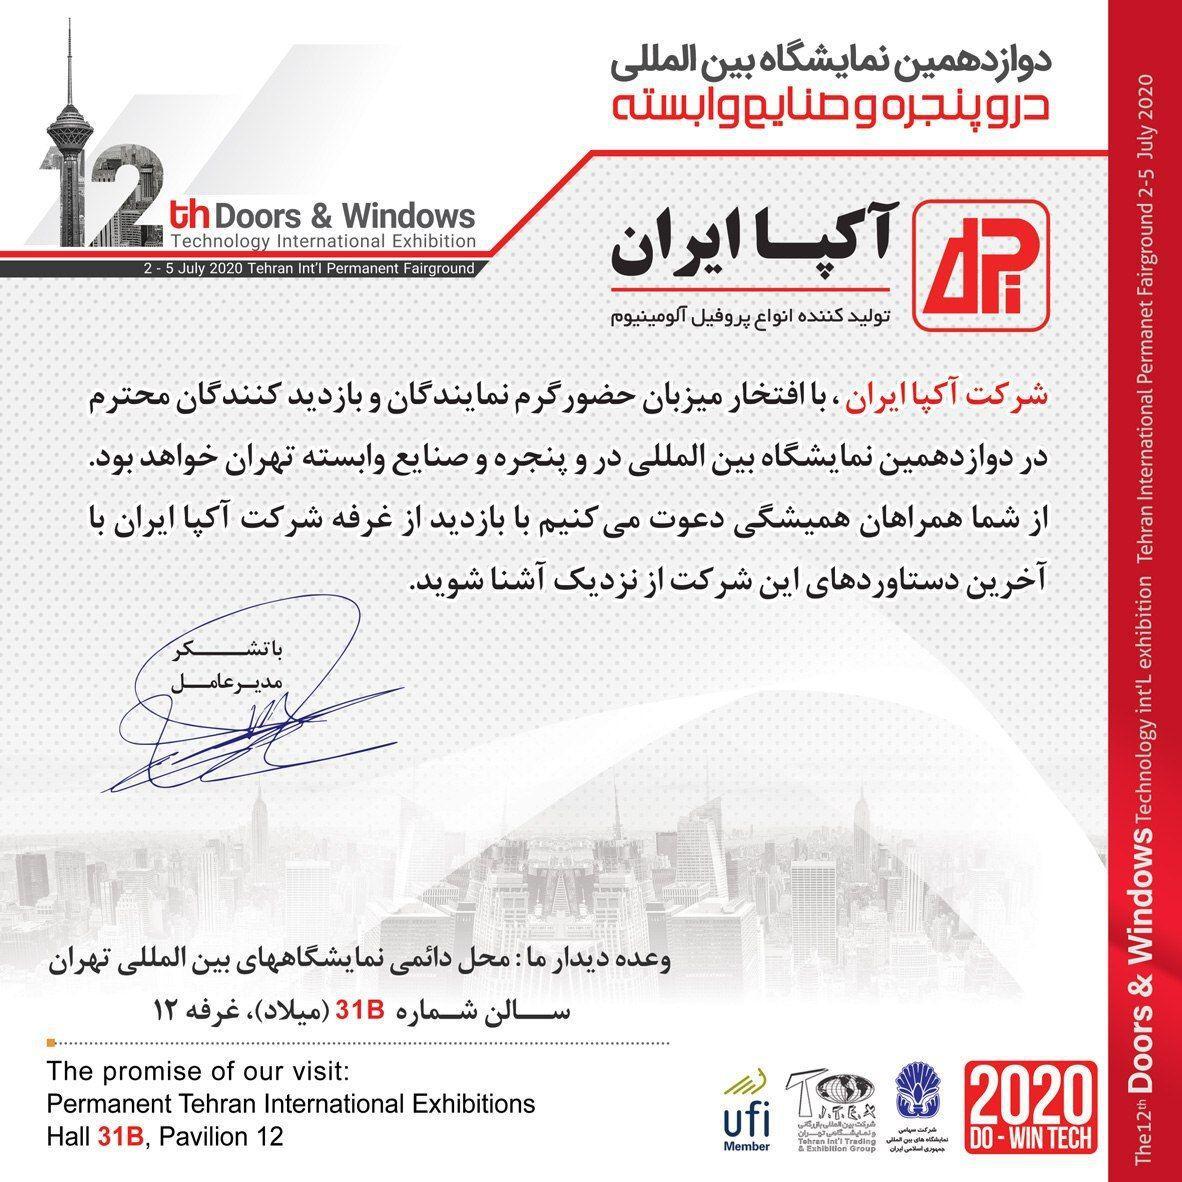 حضور شرکت آکپا در دوازدهمین نمایشگاه در و پنجره تهران